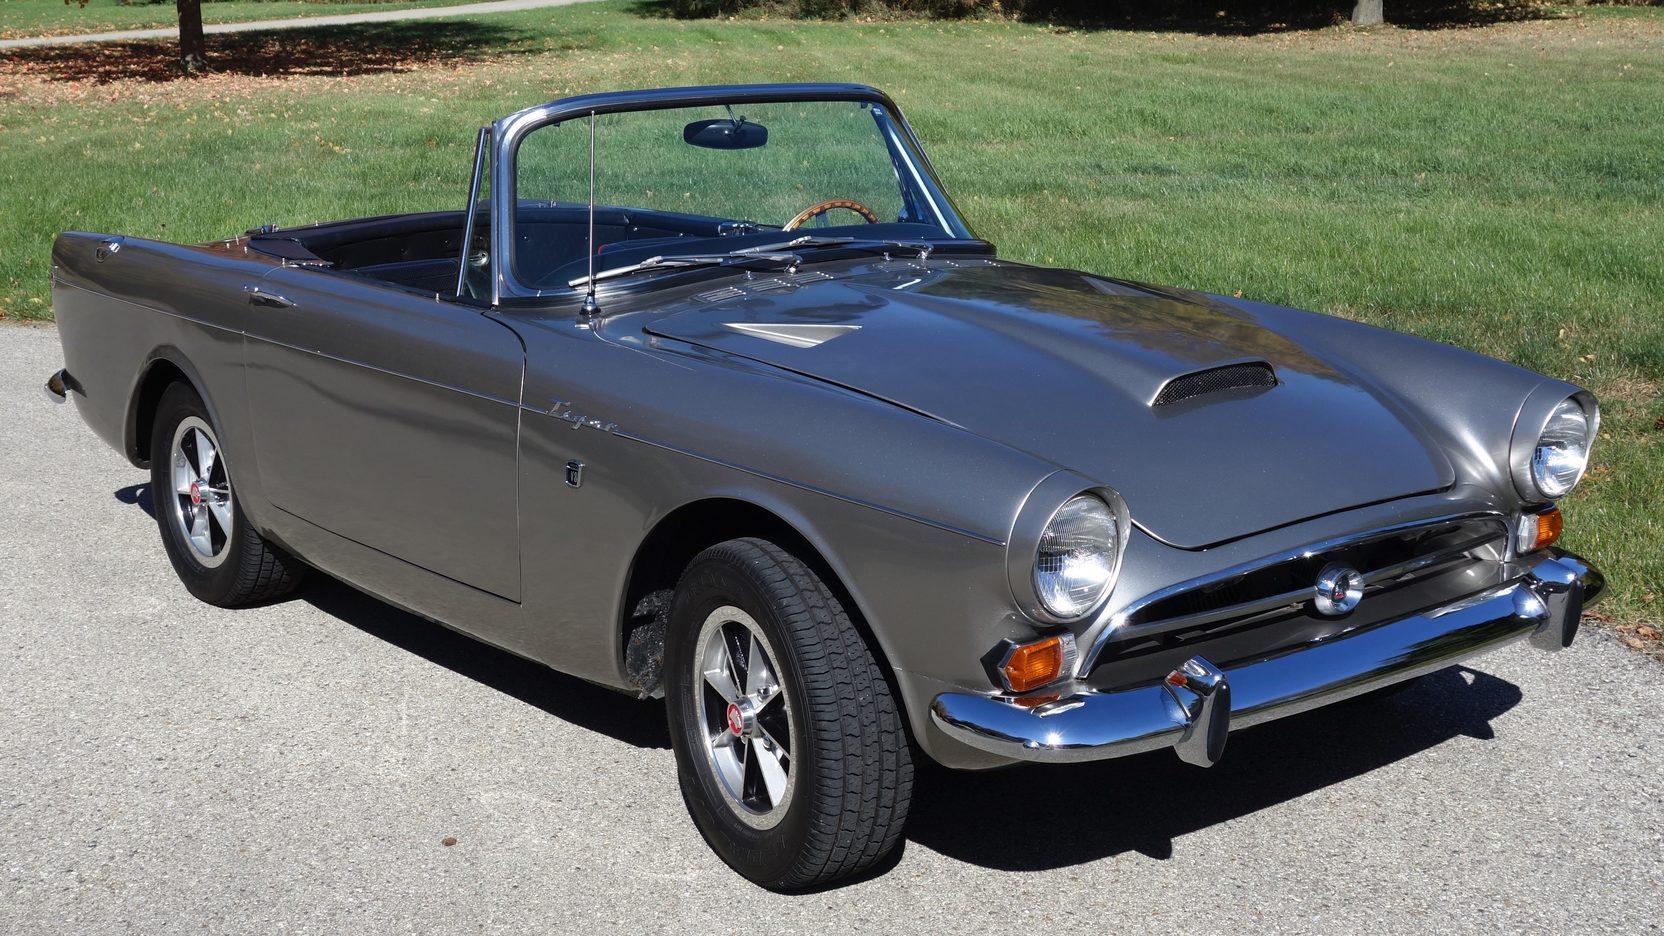 hight resolution of 1966 sunbeam tiger mk 1a convertible